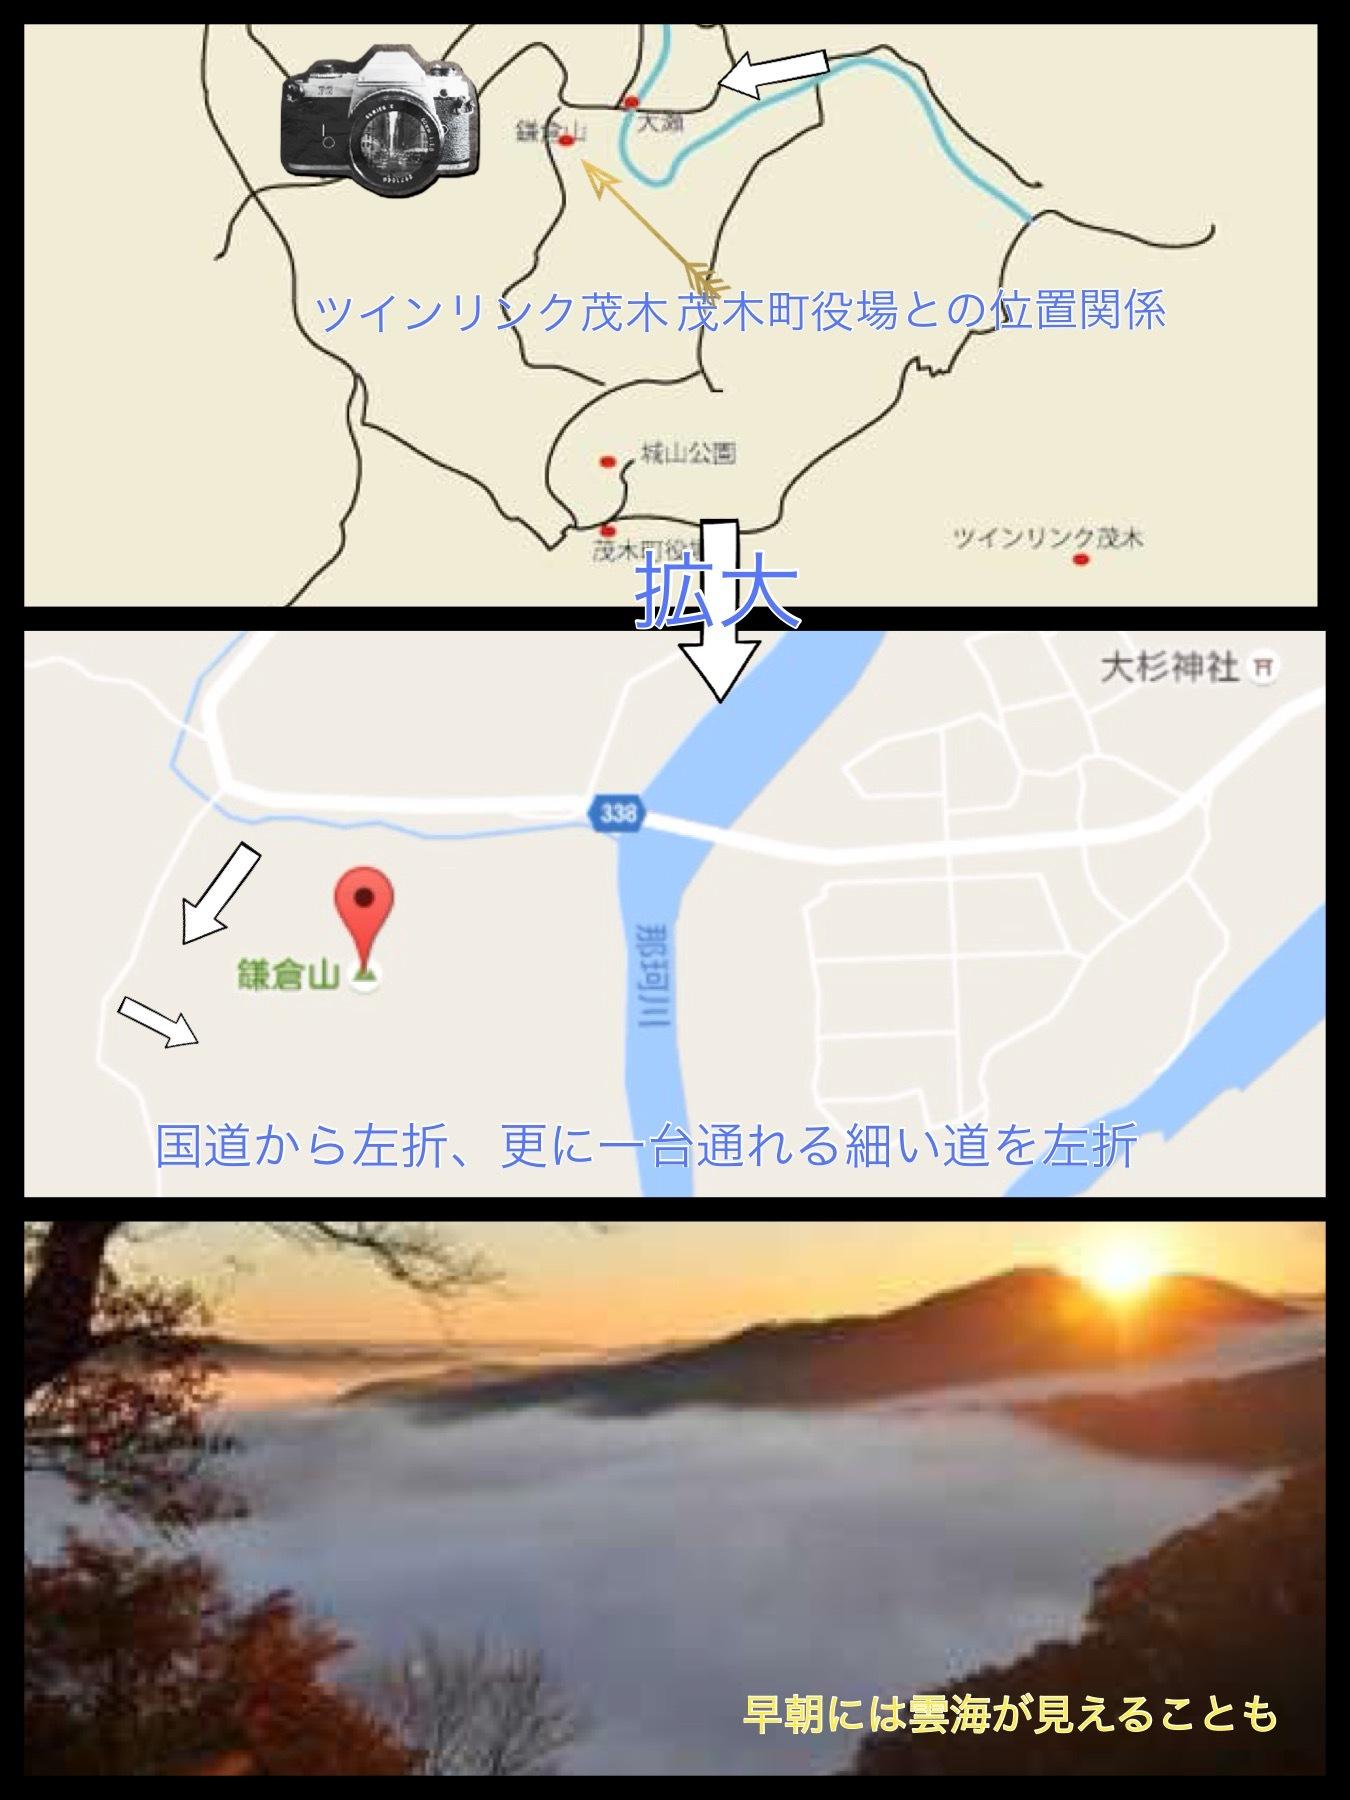 鎌倉山 栃木 クルマで登頂記 ドライブ登山